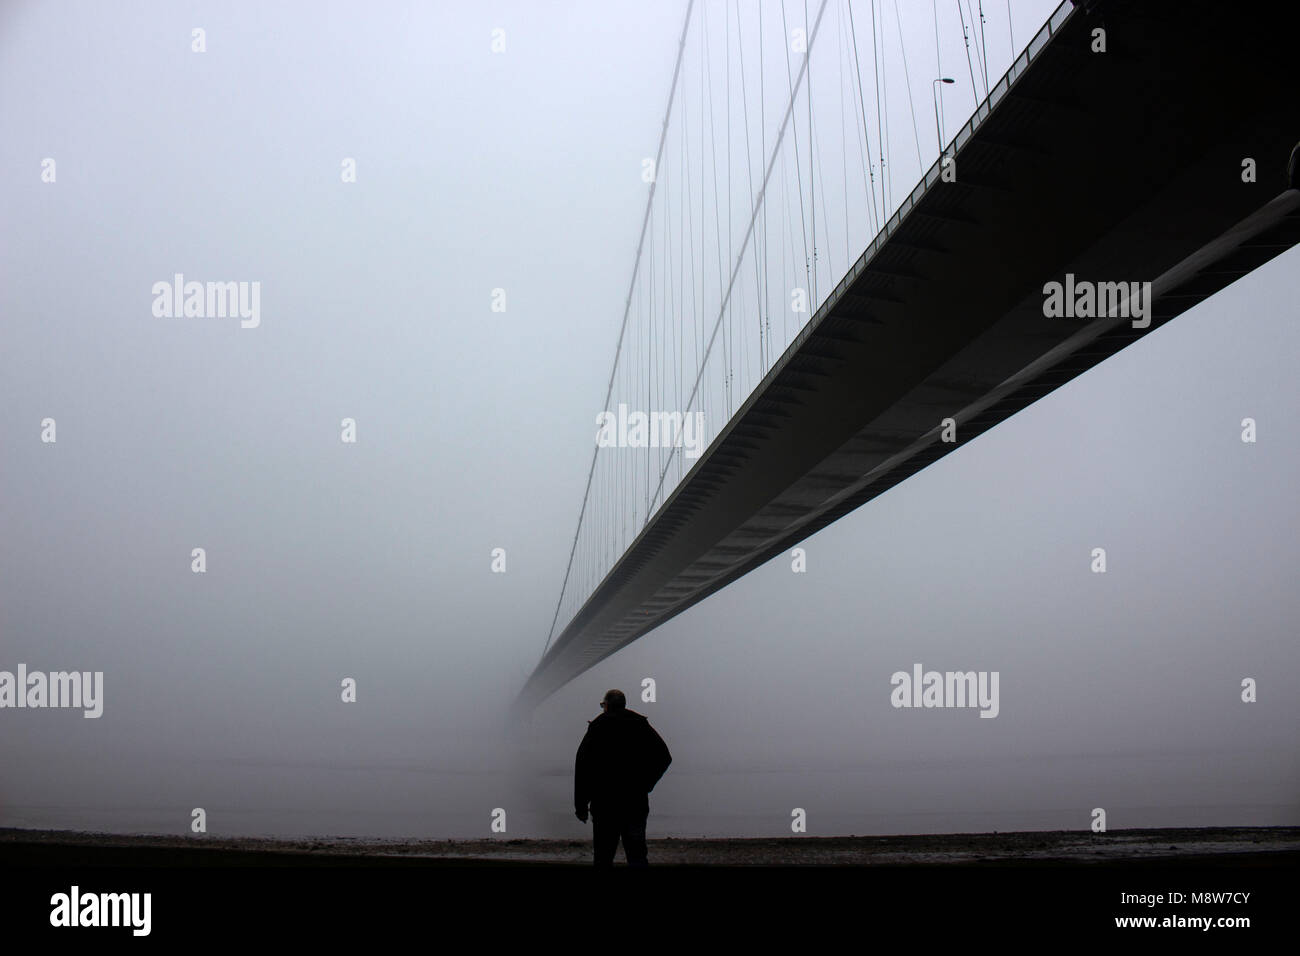 Puente Humber con niebla, un hombre mirando al río, Yorkshire, Inglaterra, Reino Unido. Imagen De Stock